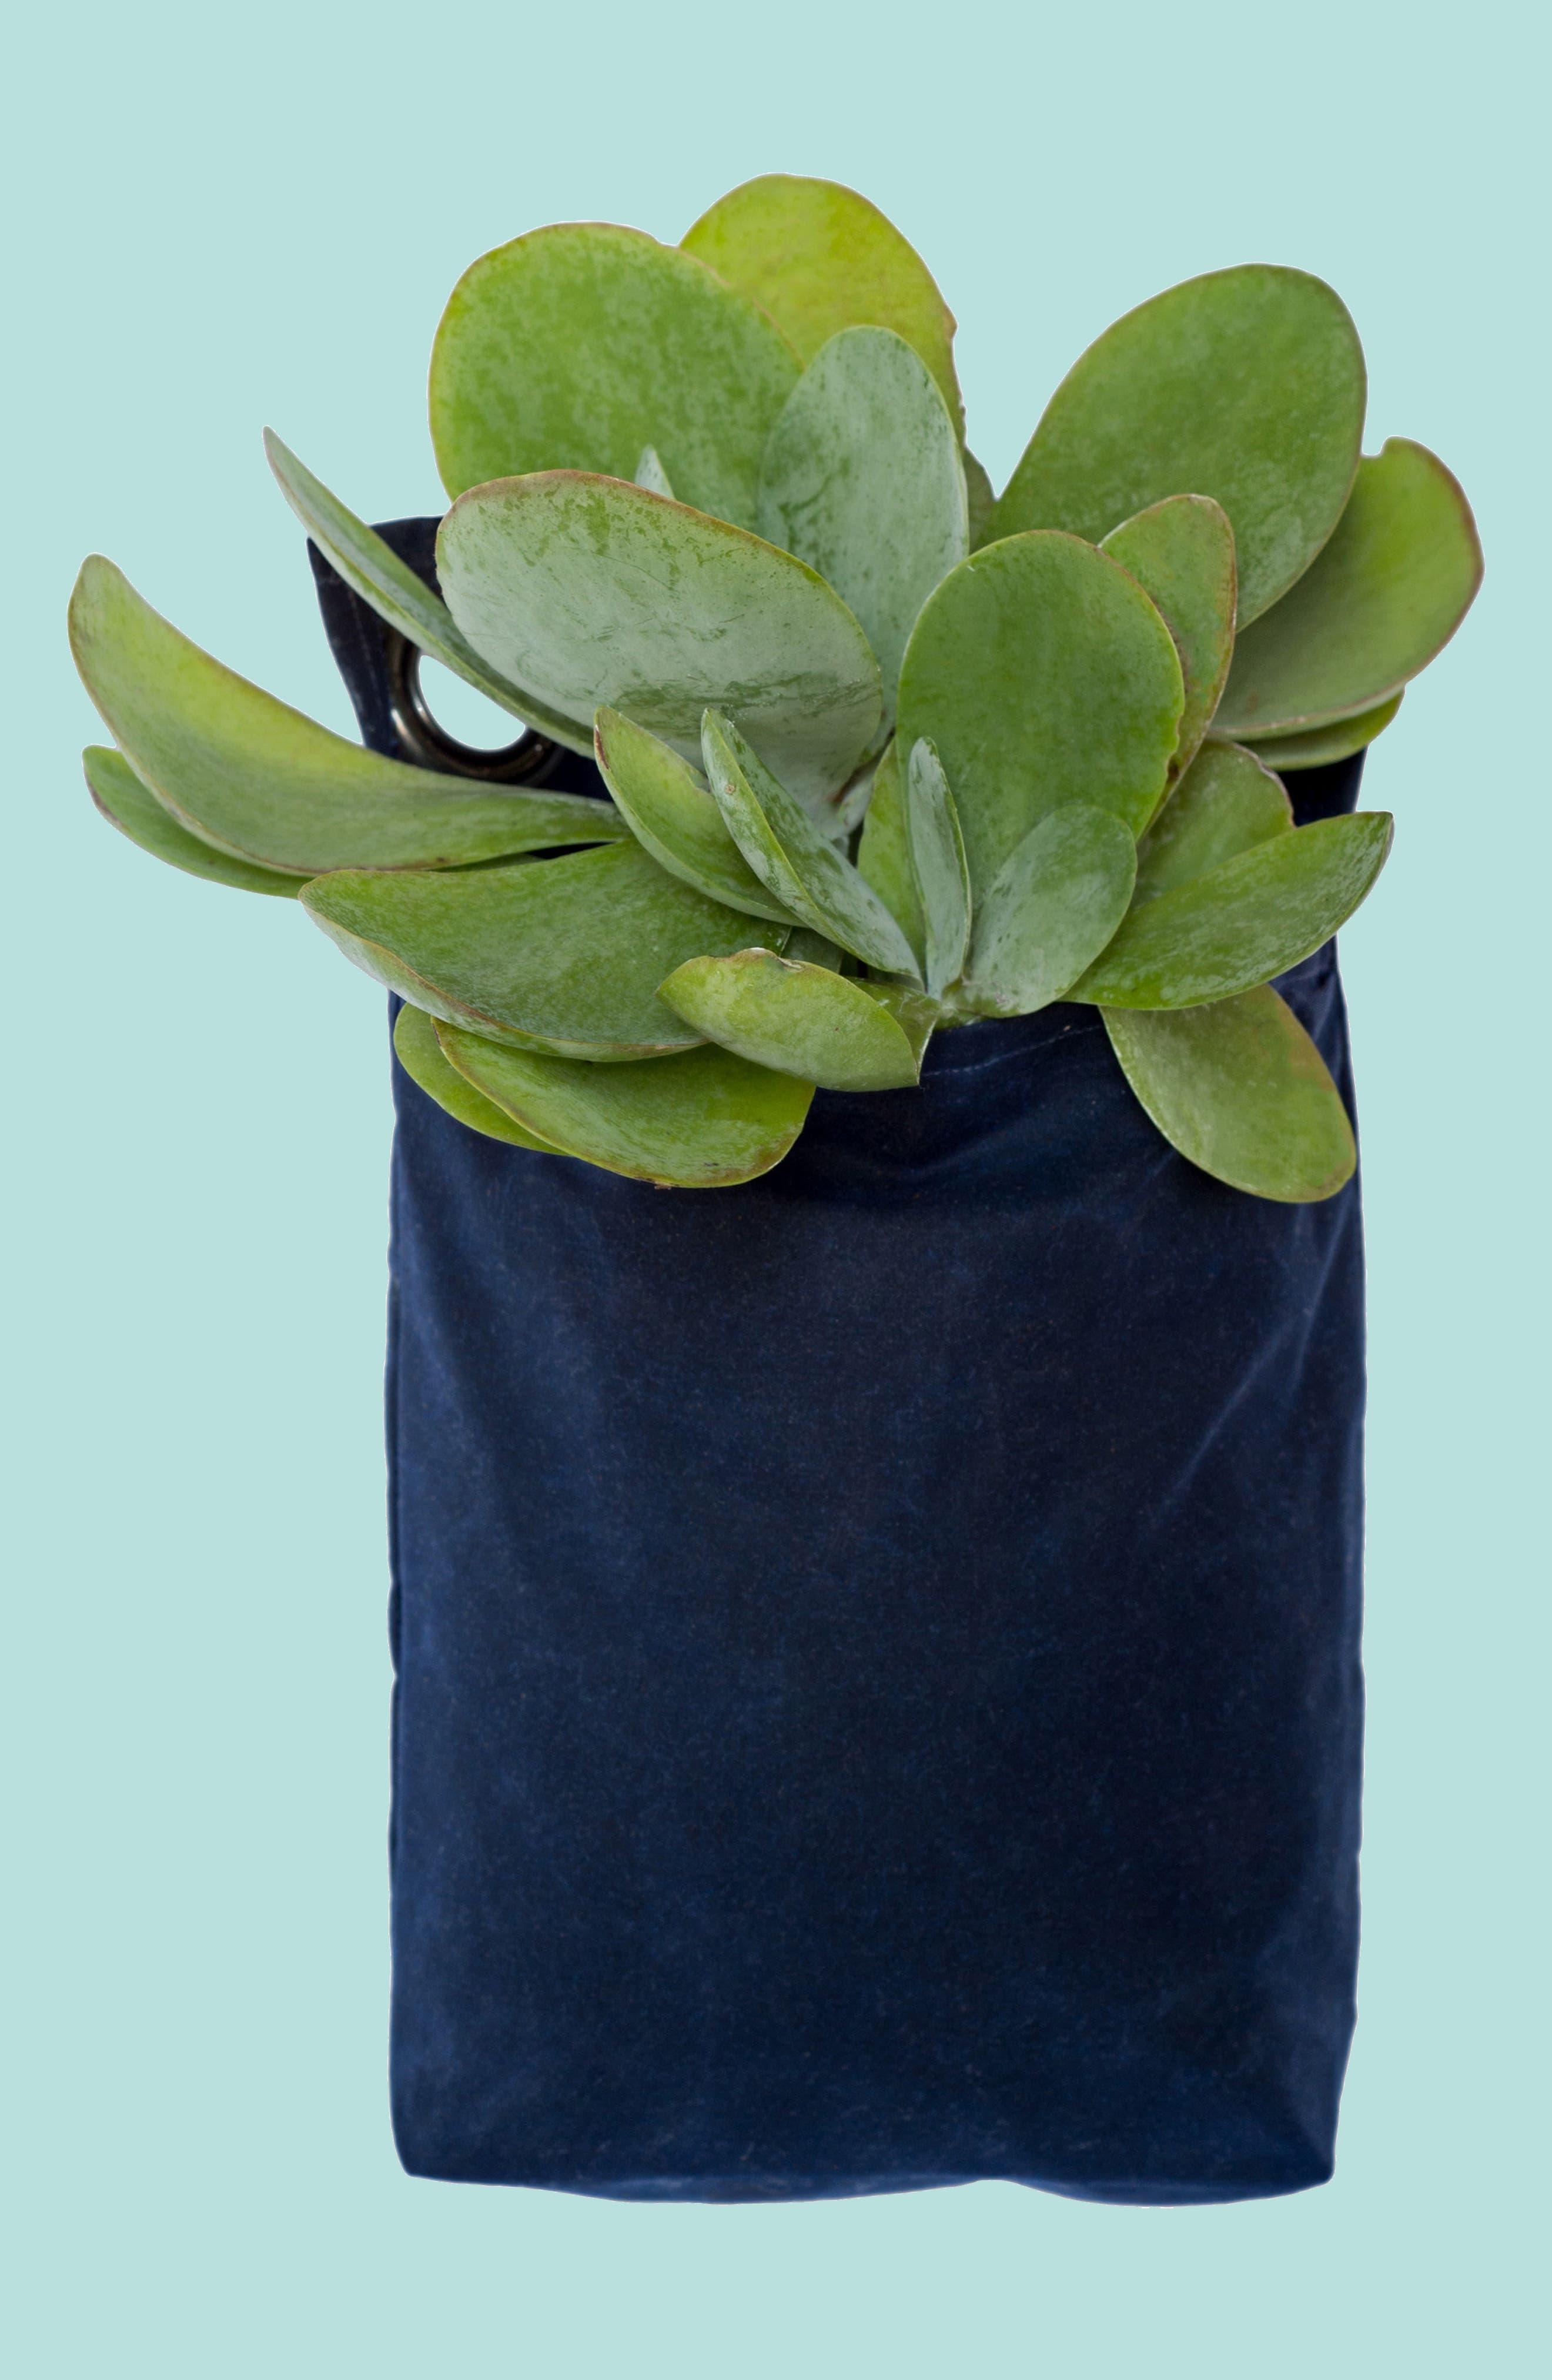 Small Waxed Canvas GrowPack Planter,                             Main thumbnail 1, color,                             Navy